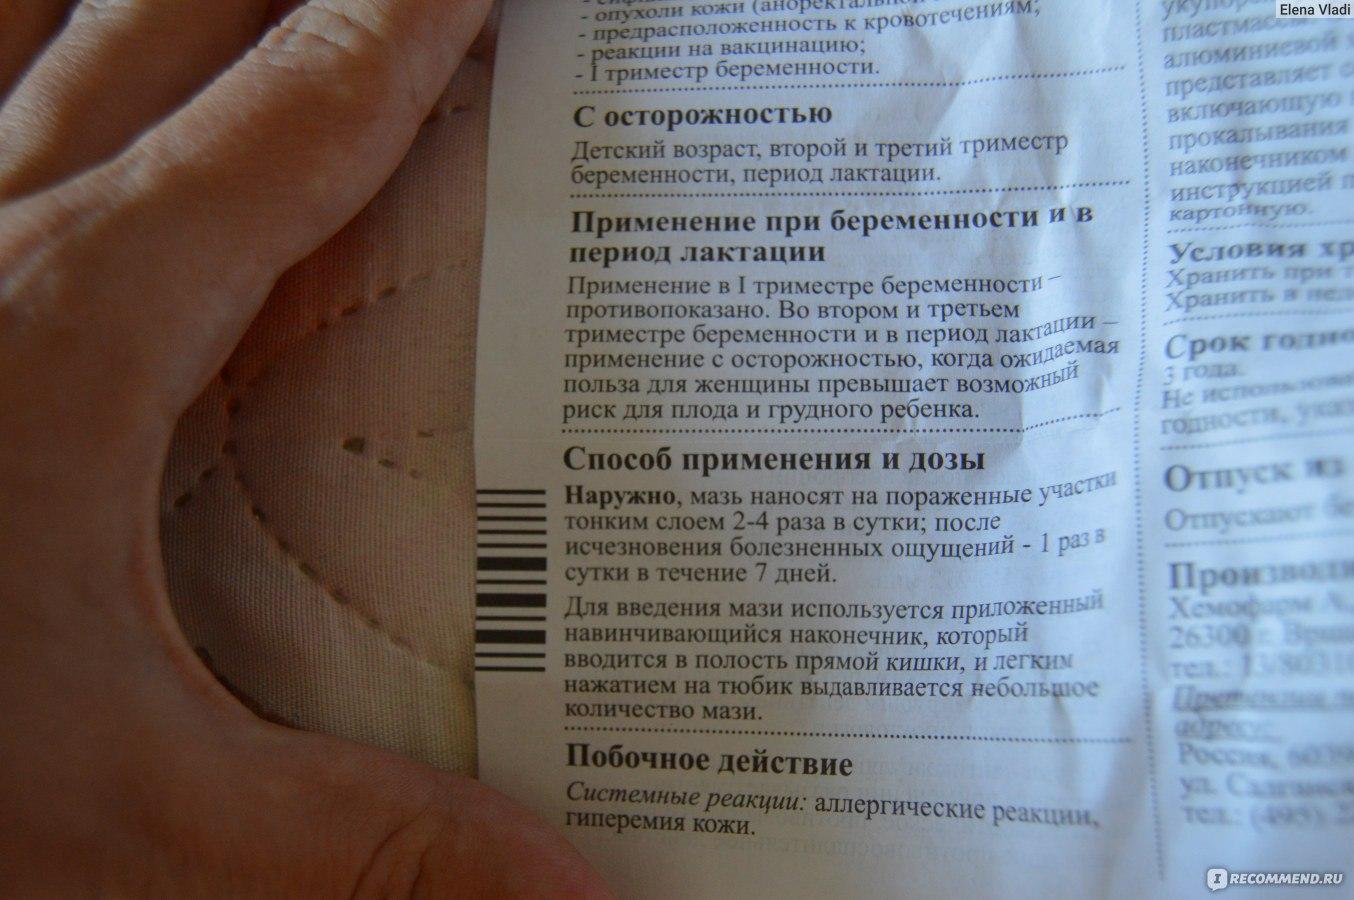 гепатромбин мазь отзывы при геморрое после родов